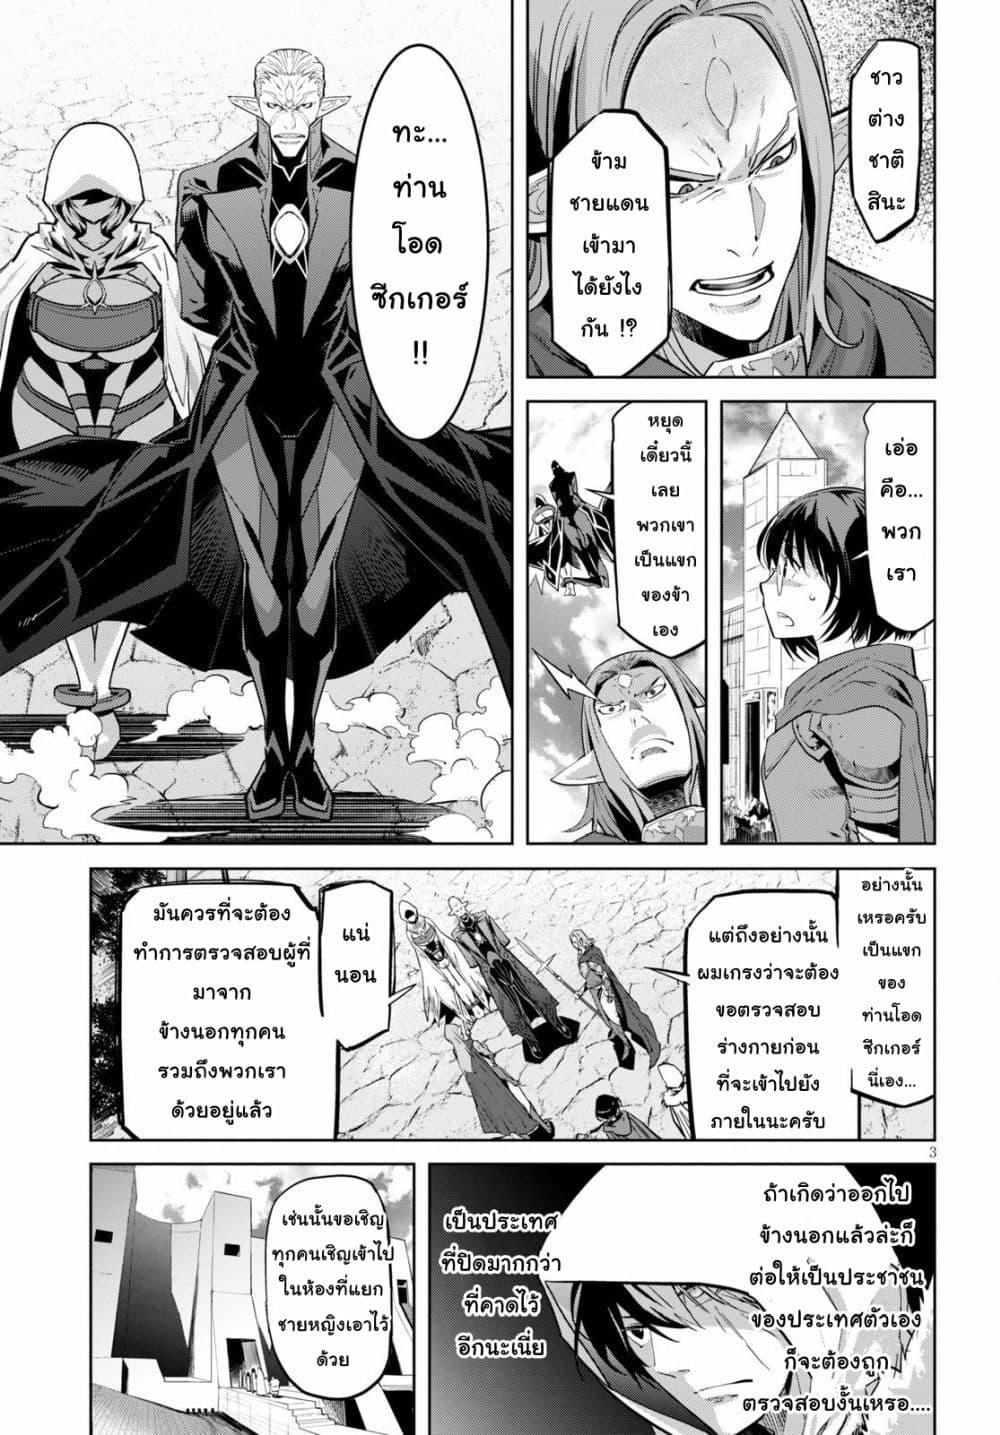 อ่านการ์ตูน Game obu Familia - Family Senki ตอนที่ 21 หน้าที่ 5